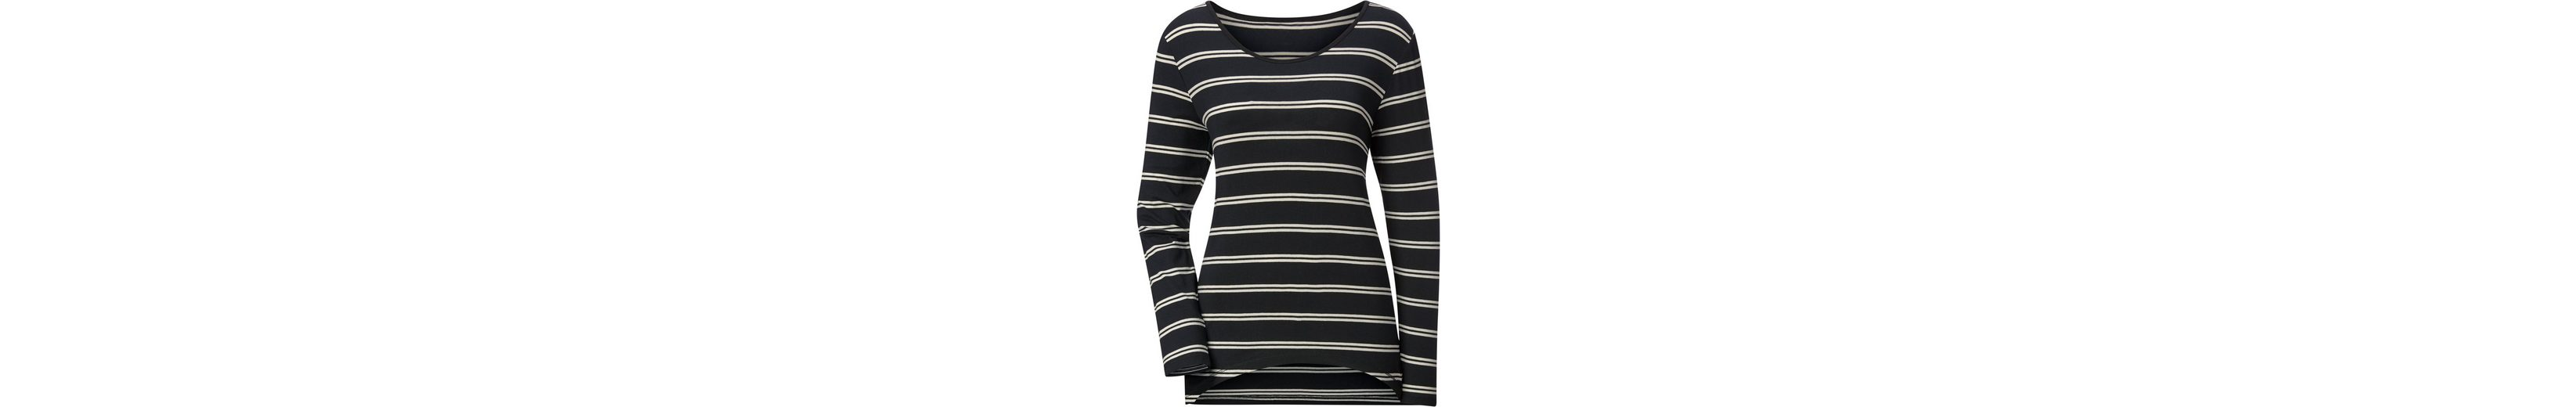 Am Billigsten Billig Verkauf Neuesten Kollektionen Classic Inspirationen Shirt in weich fließender Qualität 100% Authentisch Online Auslass Original uaRdC0ZK